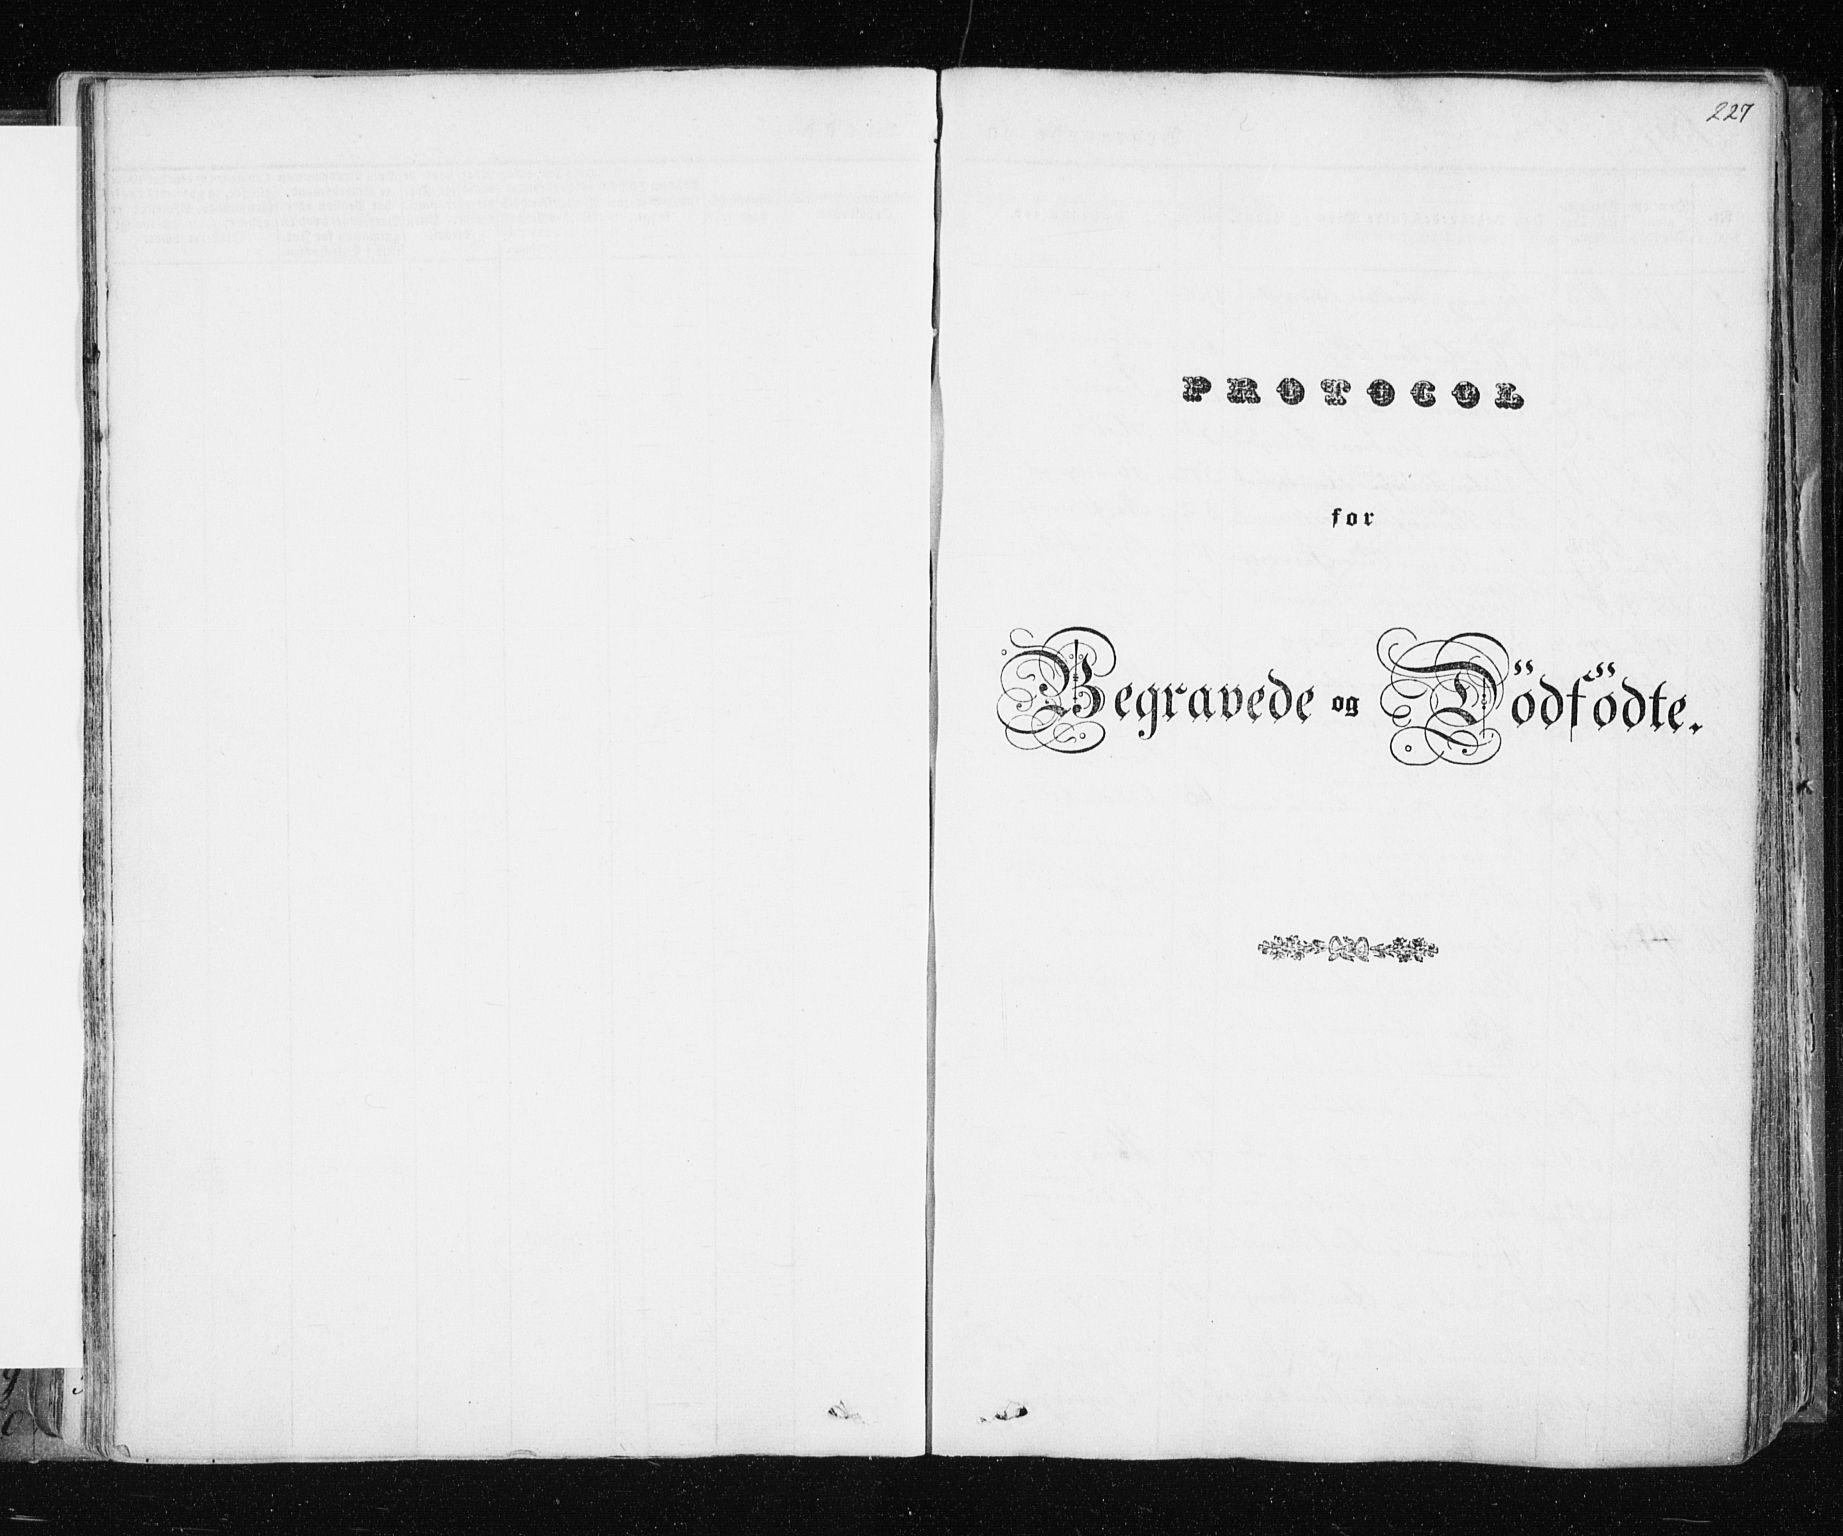 SATØ, Tromsø sokneprestkontor/stiftsprosti/domprosti, G/Ga/L0009kirke: Ministerialbok nr. 9, 1837-1847, s. 227